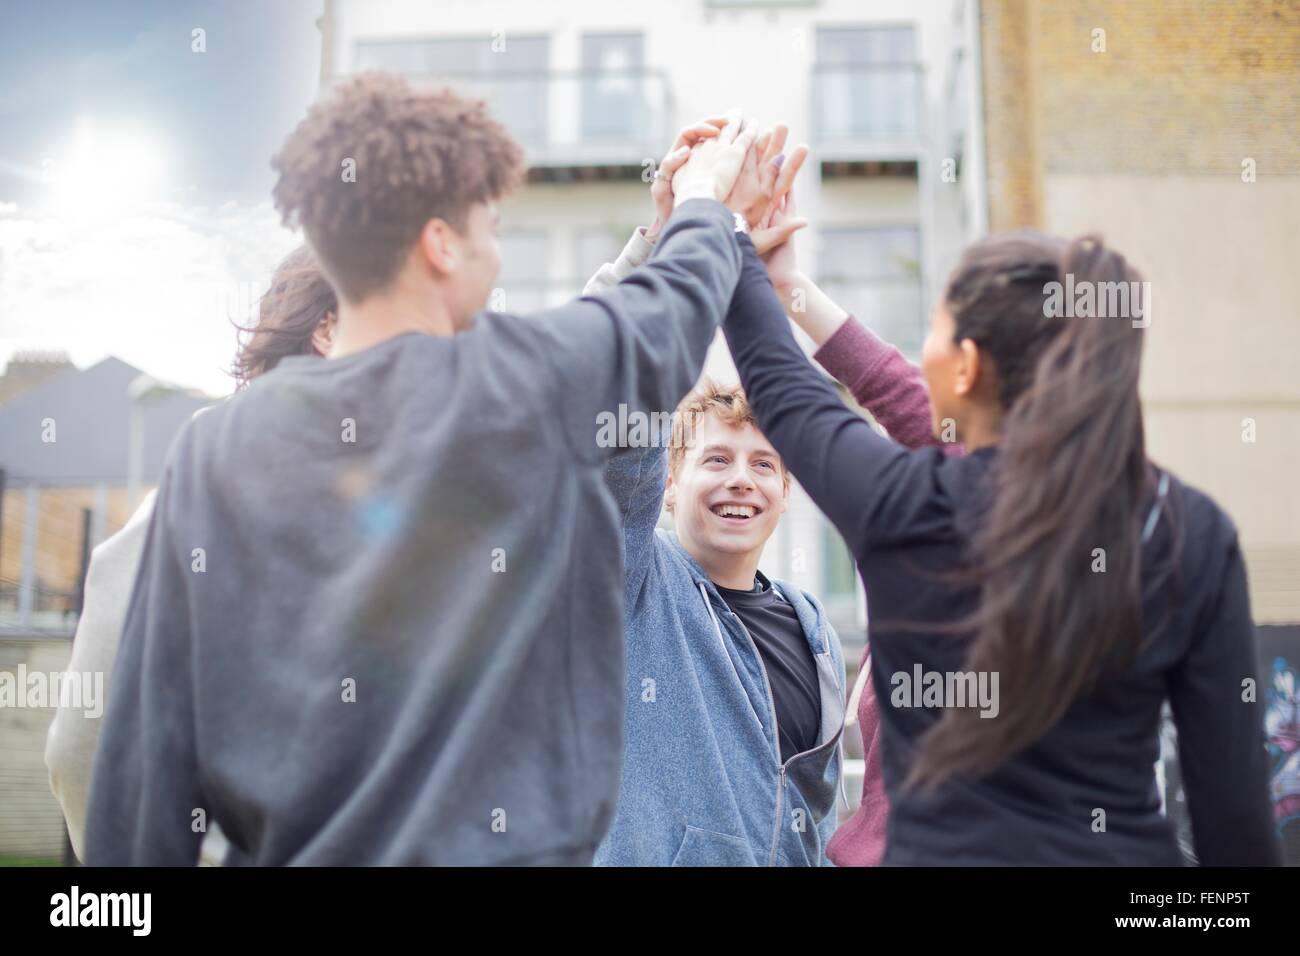 Gruppe von Erwachsenen, Hände, im Freien zu berühren Stockbild